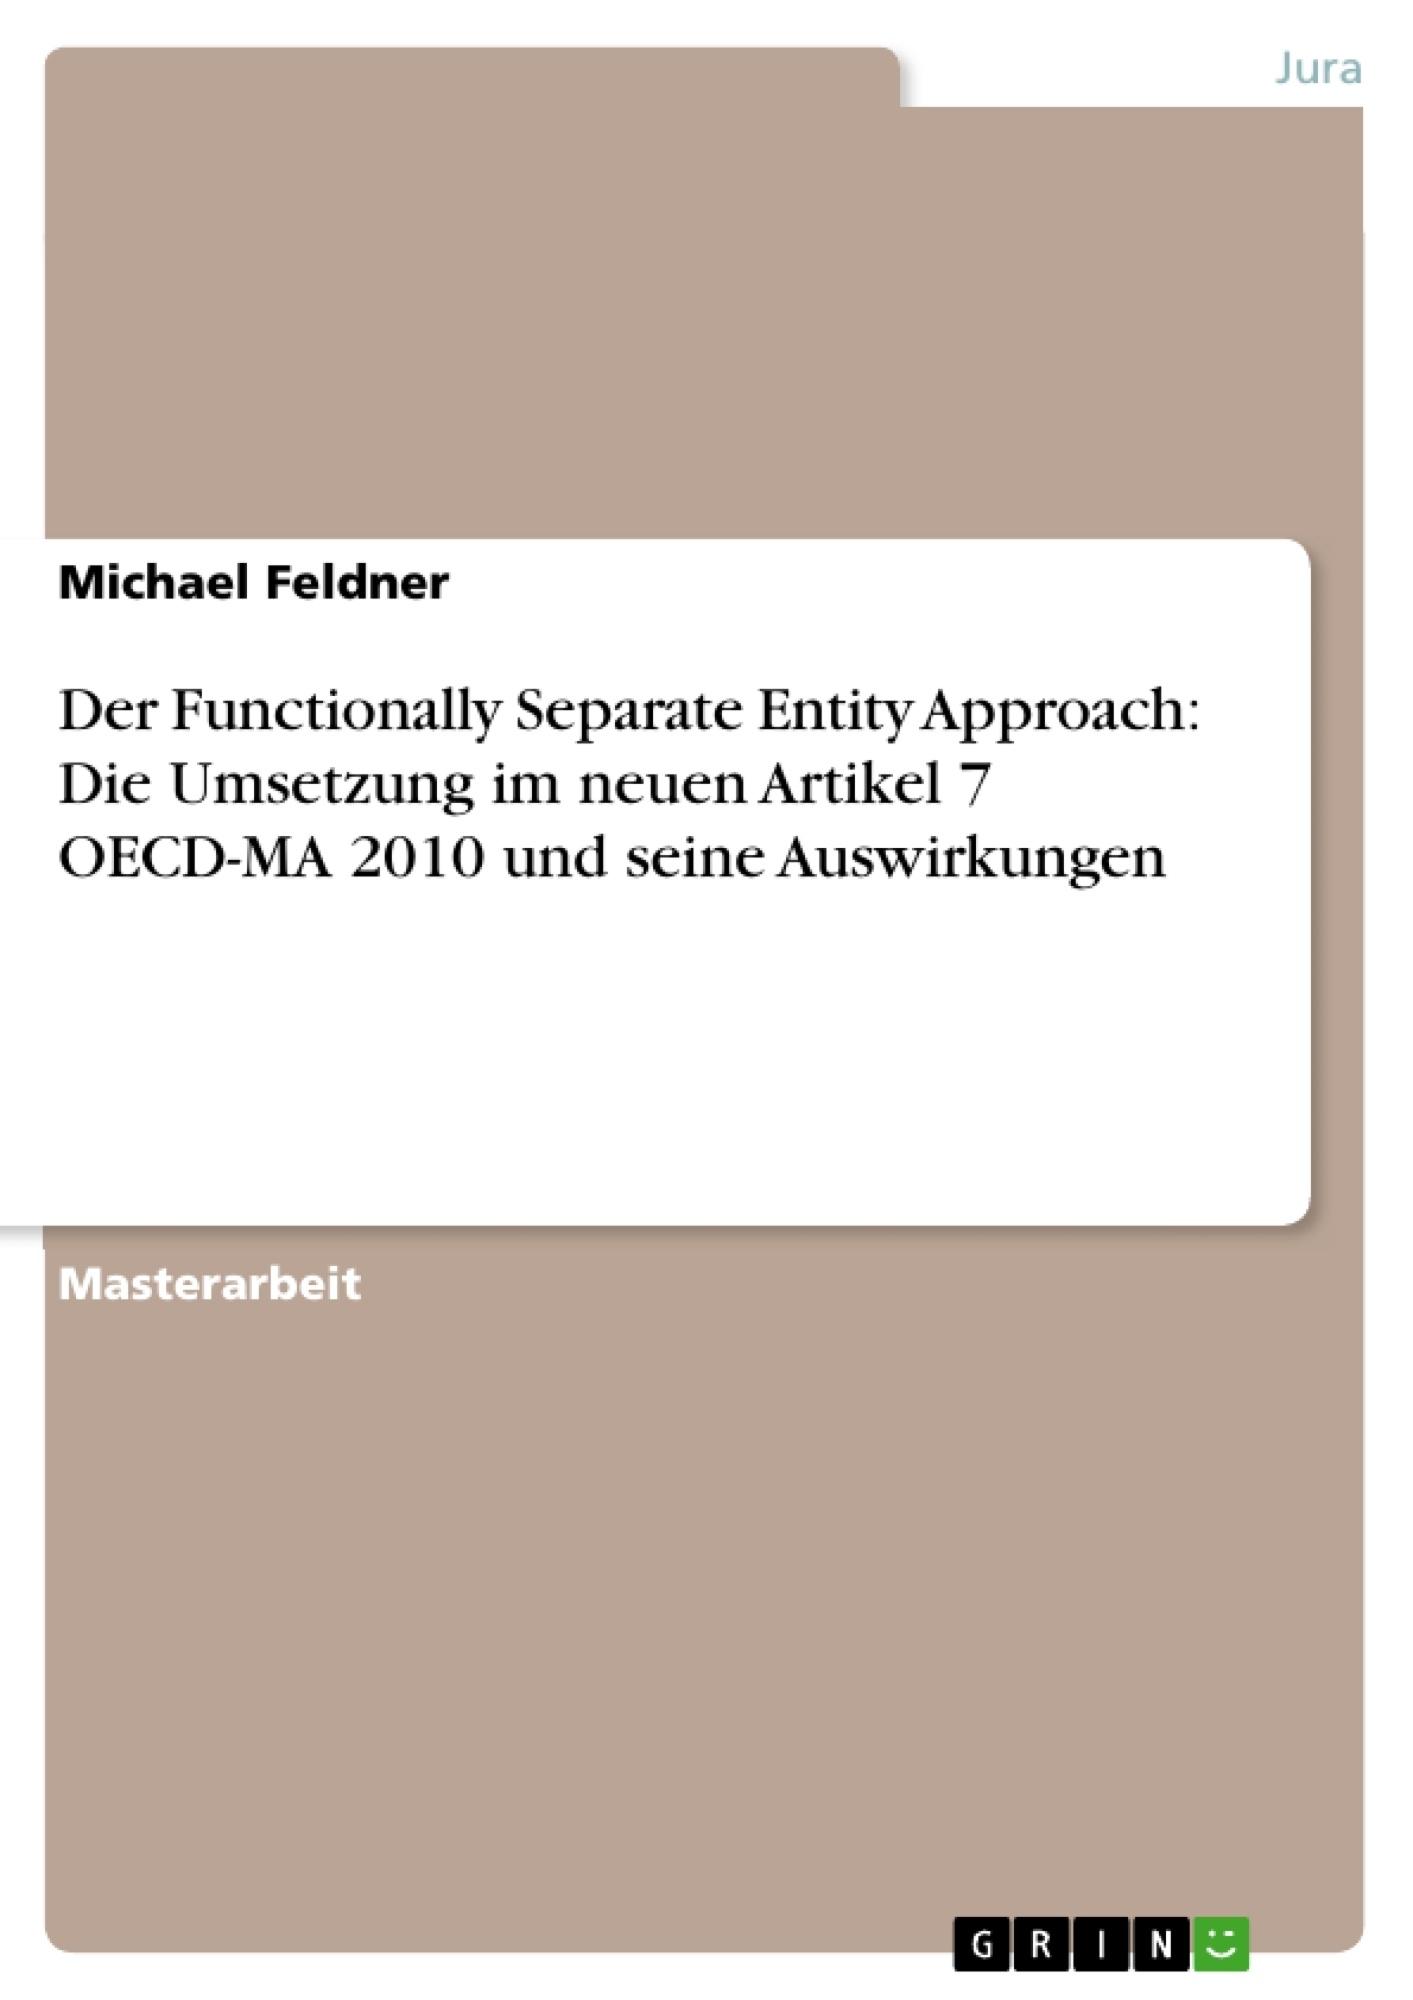 Titel: Der Functionally Separate Entity Approach: Die Umsetzung im neuen Artikel 7 OECD-MA 2010 und seine Auswirkungen